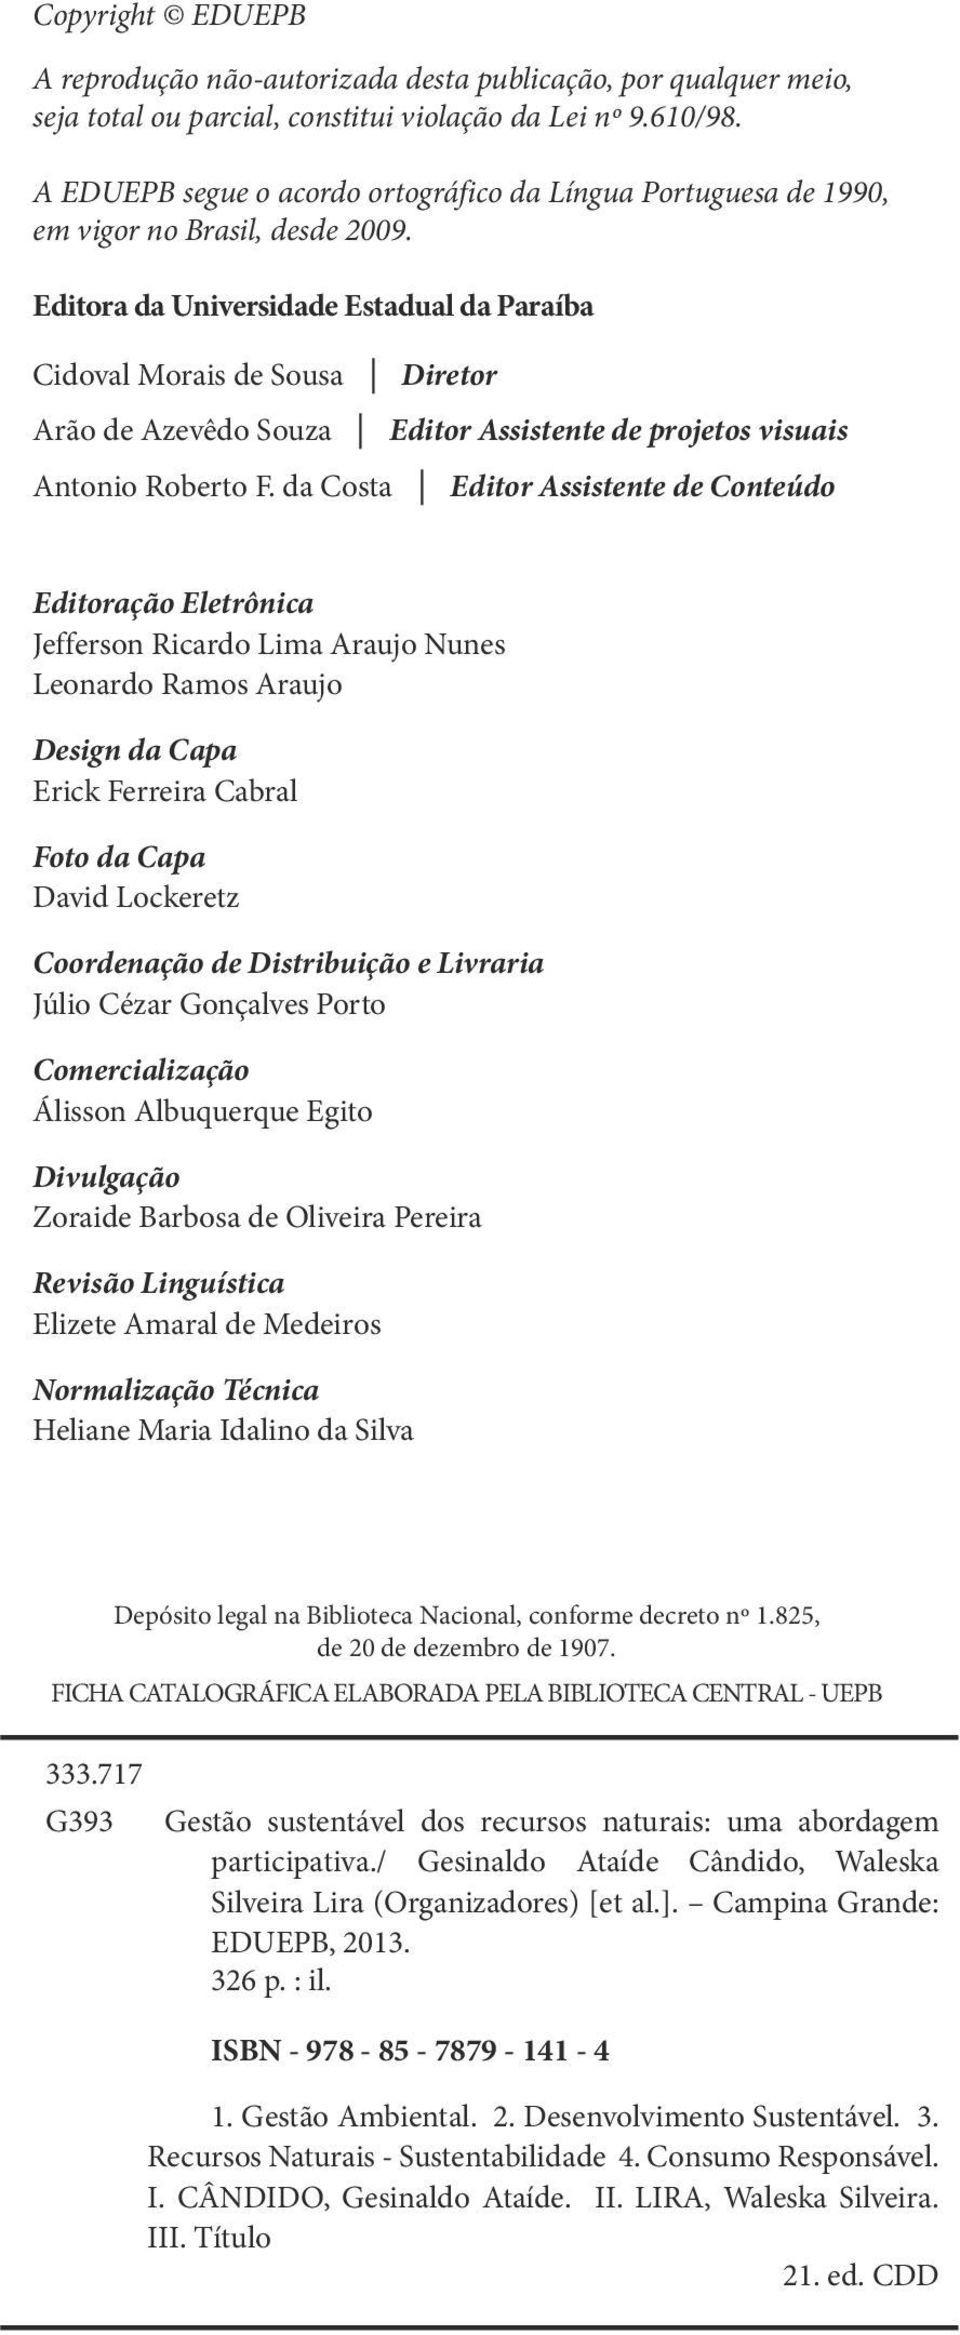 Calendario 2019 Portugues Brasil Dicionario Más Arriba-a-fecha Gest£o Sustentável Dos Recursos Naturais Uma Abordagem